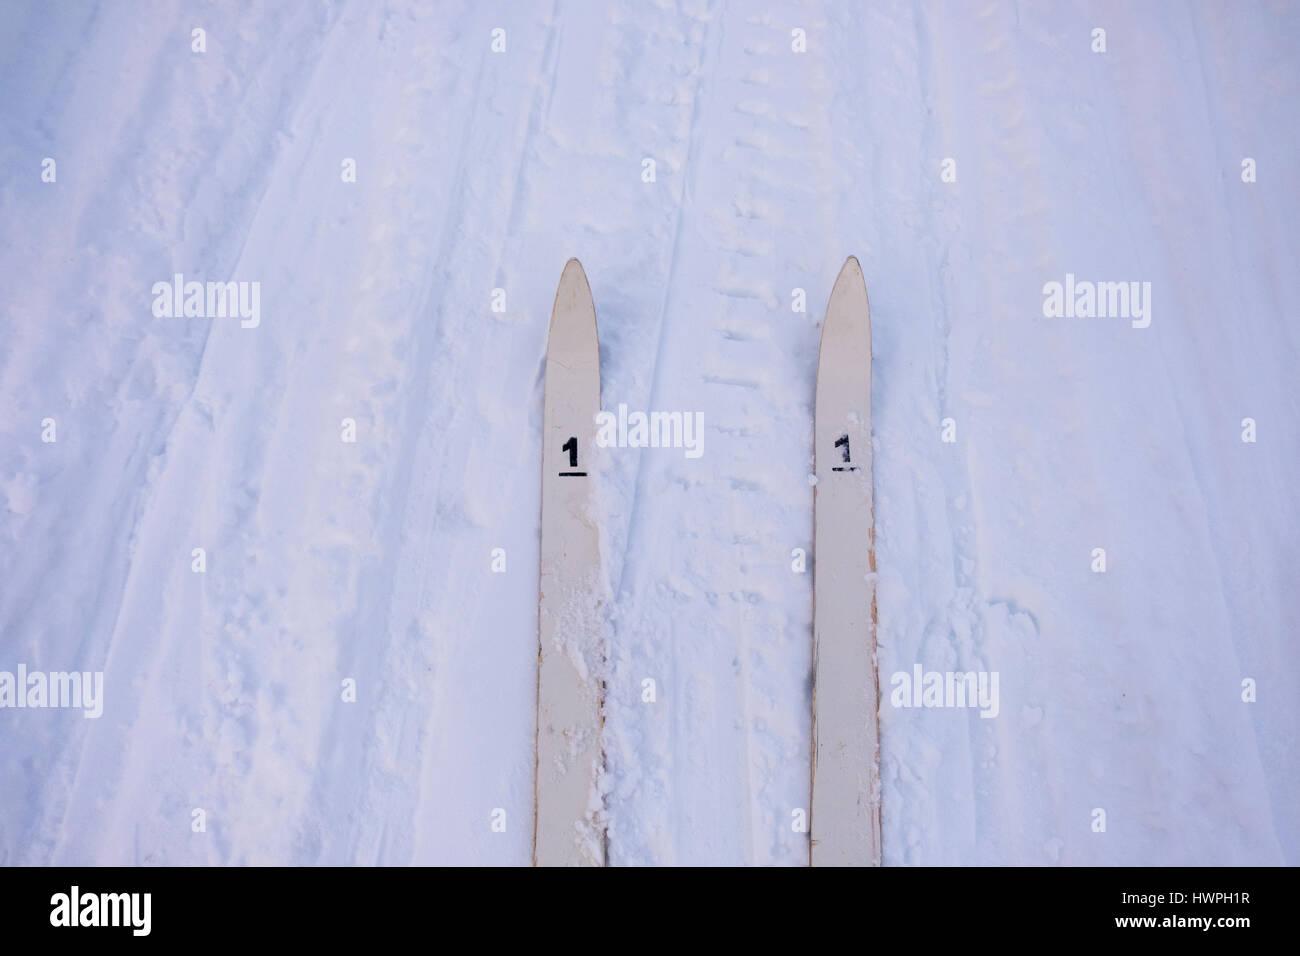 Un alto ángulo de visualización de esquíes con el número 1 en el campo cubierto de nieve Imagen De Stock